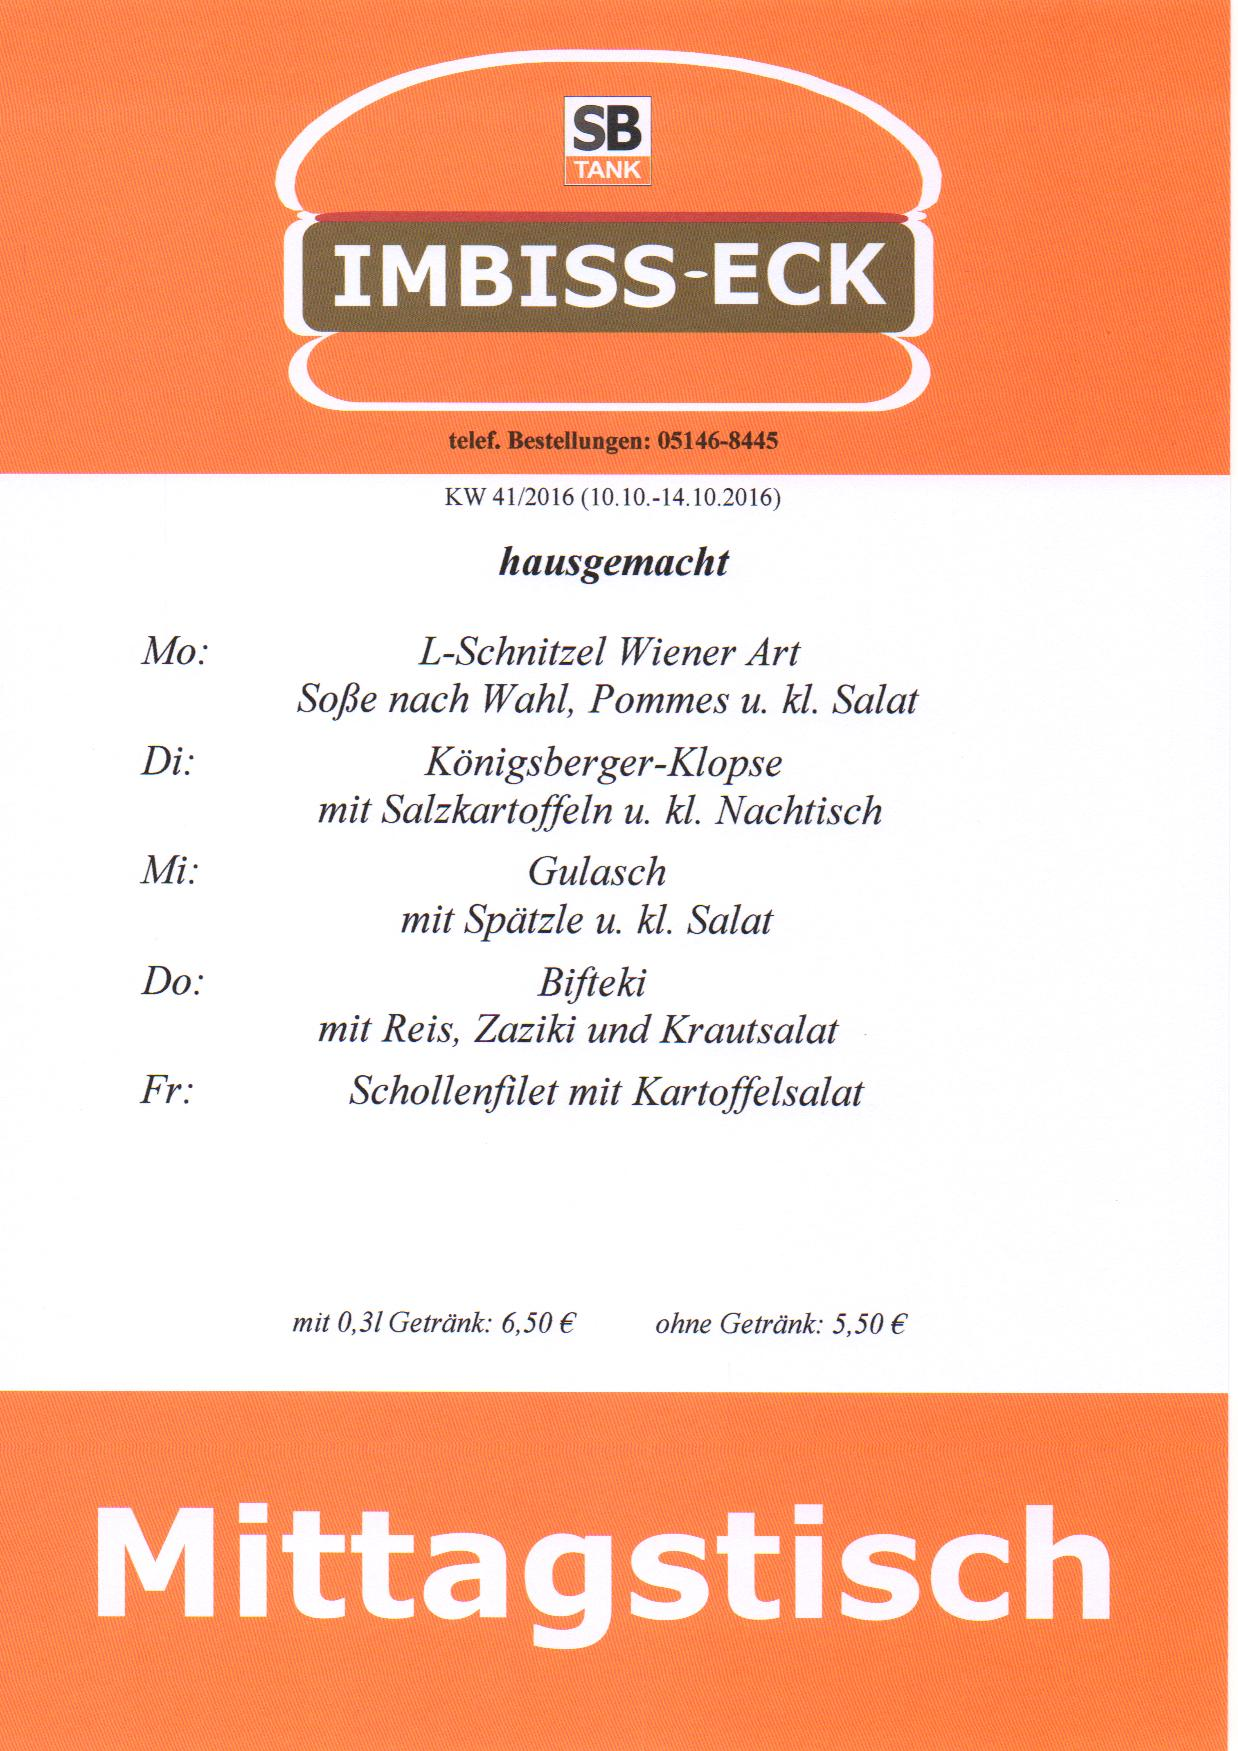 Mittagstisch  SB TANK  Wietze, Celle, Bad Nenndorf